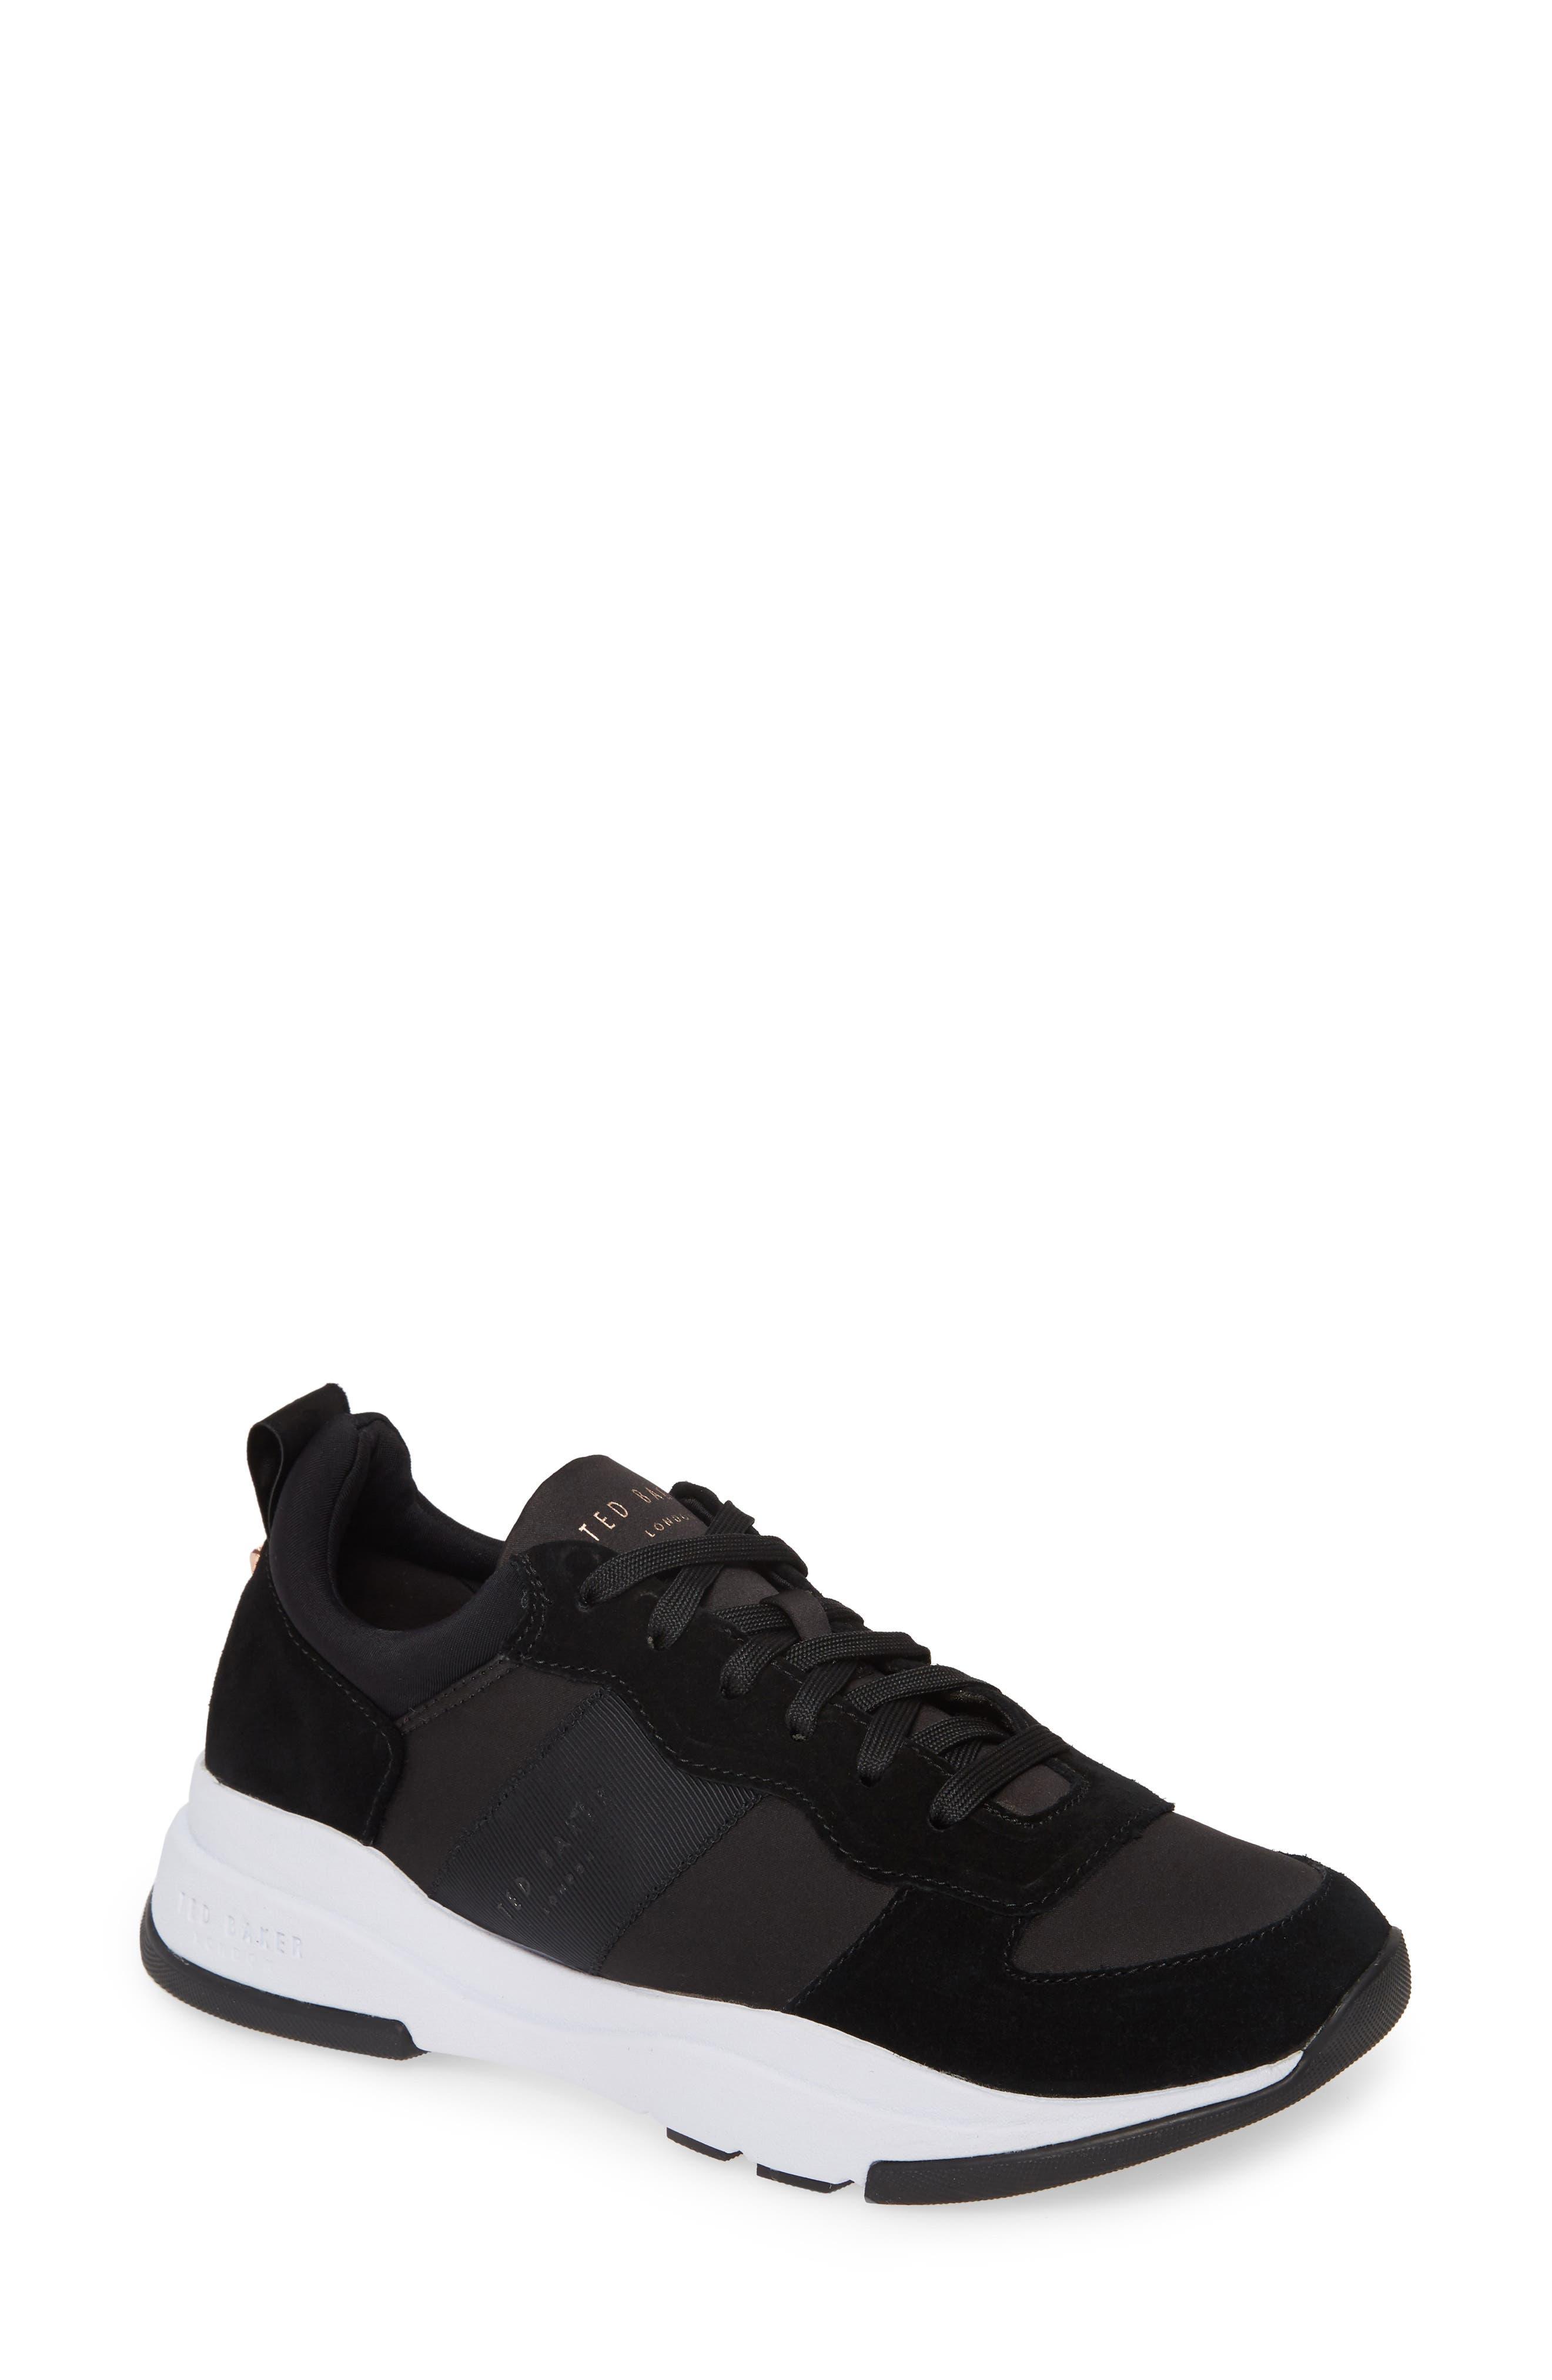 Ted Baker London Waverdi Sneaker, Black